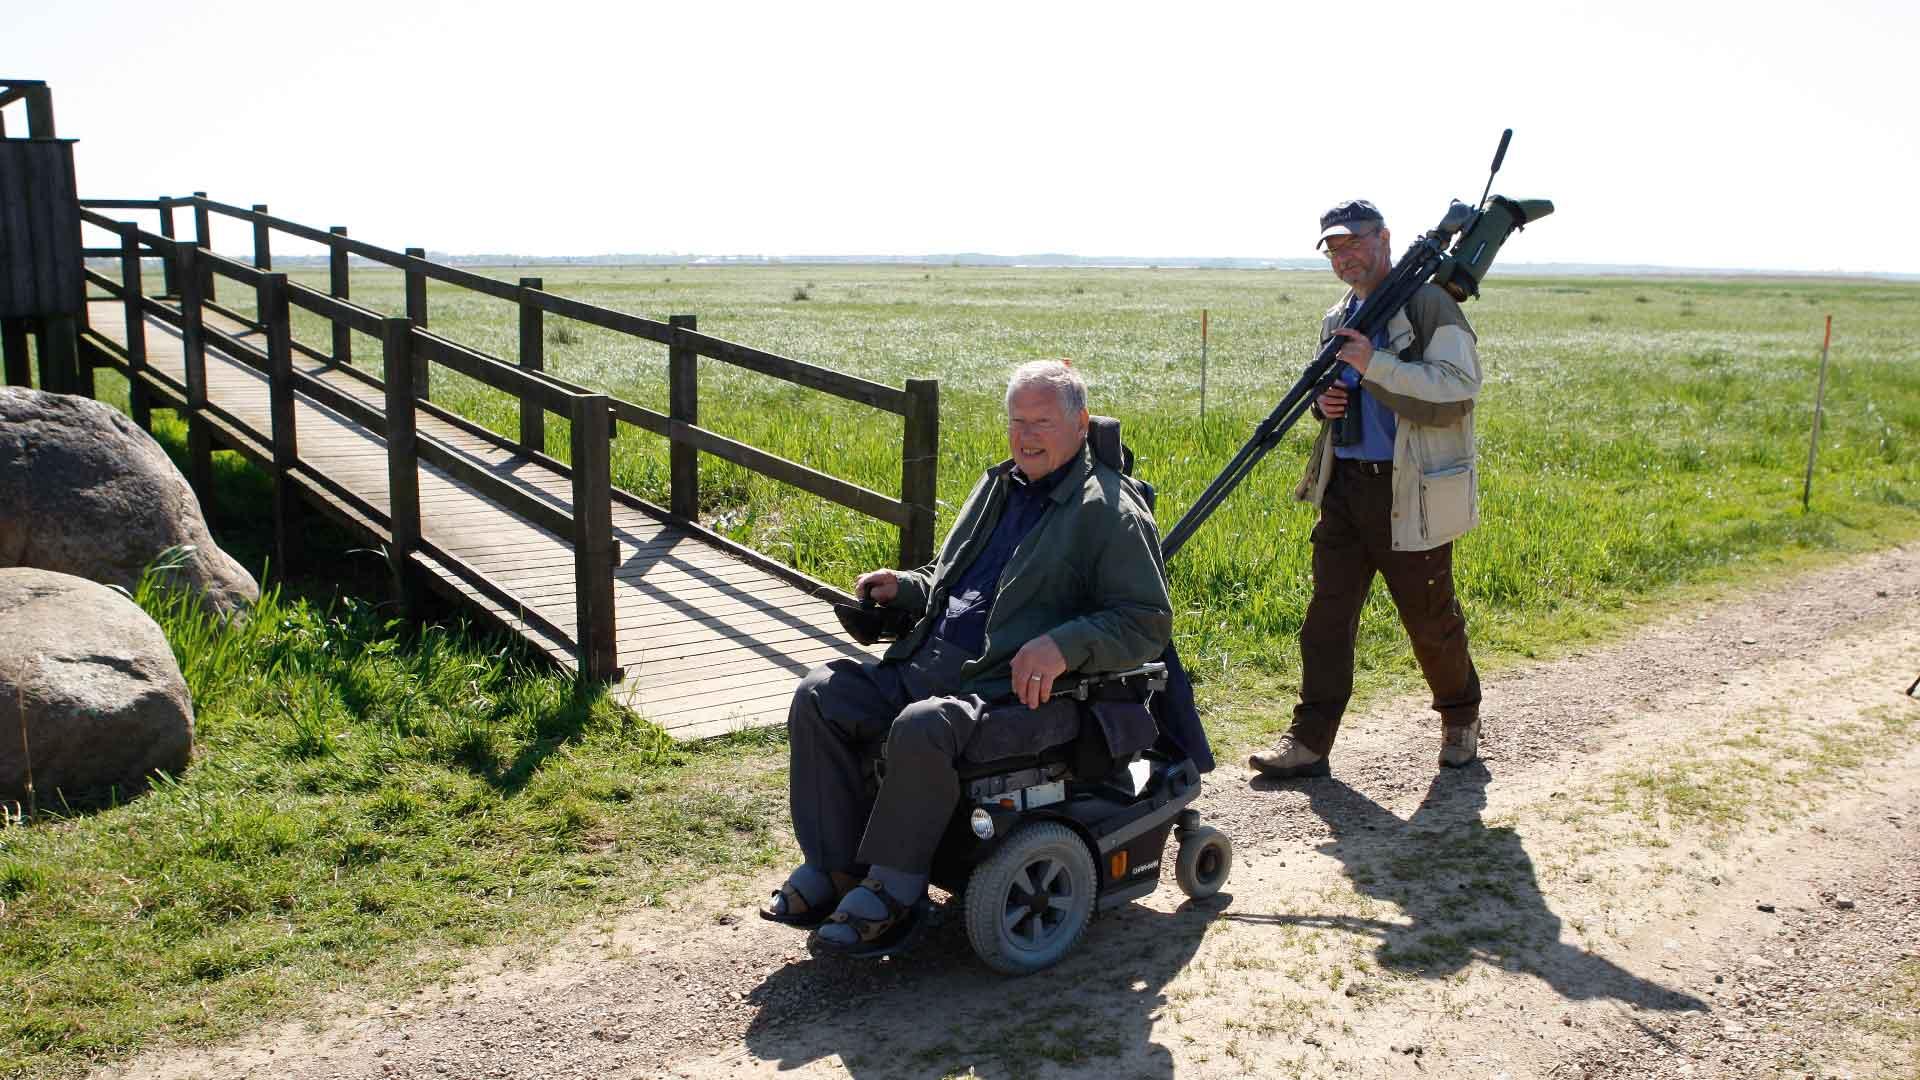 Skådarplattformen på Håslövs ängar är tillgänglig med rullstol. Foto: Patrik Olofsson/N